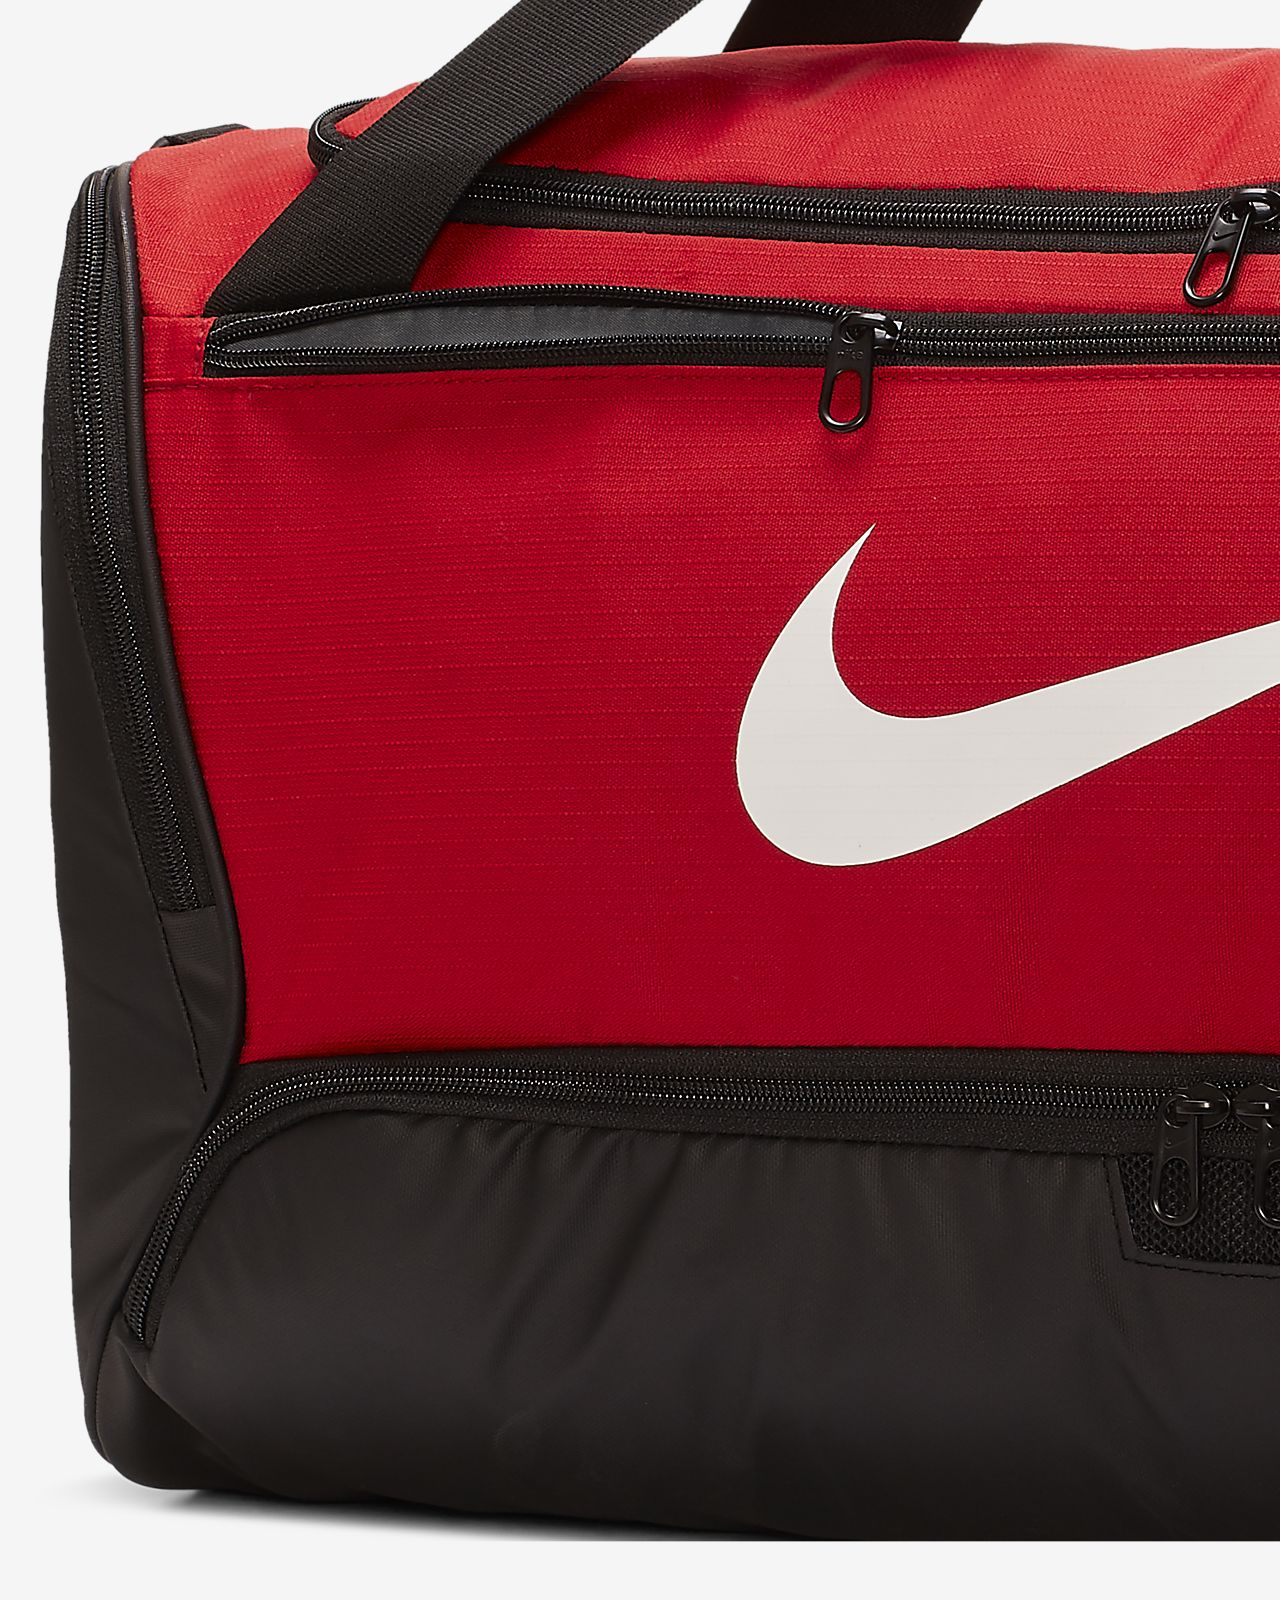 Nike Brasilia Small AOP Printed Duffel Bag